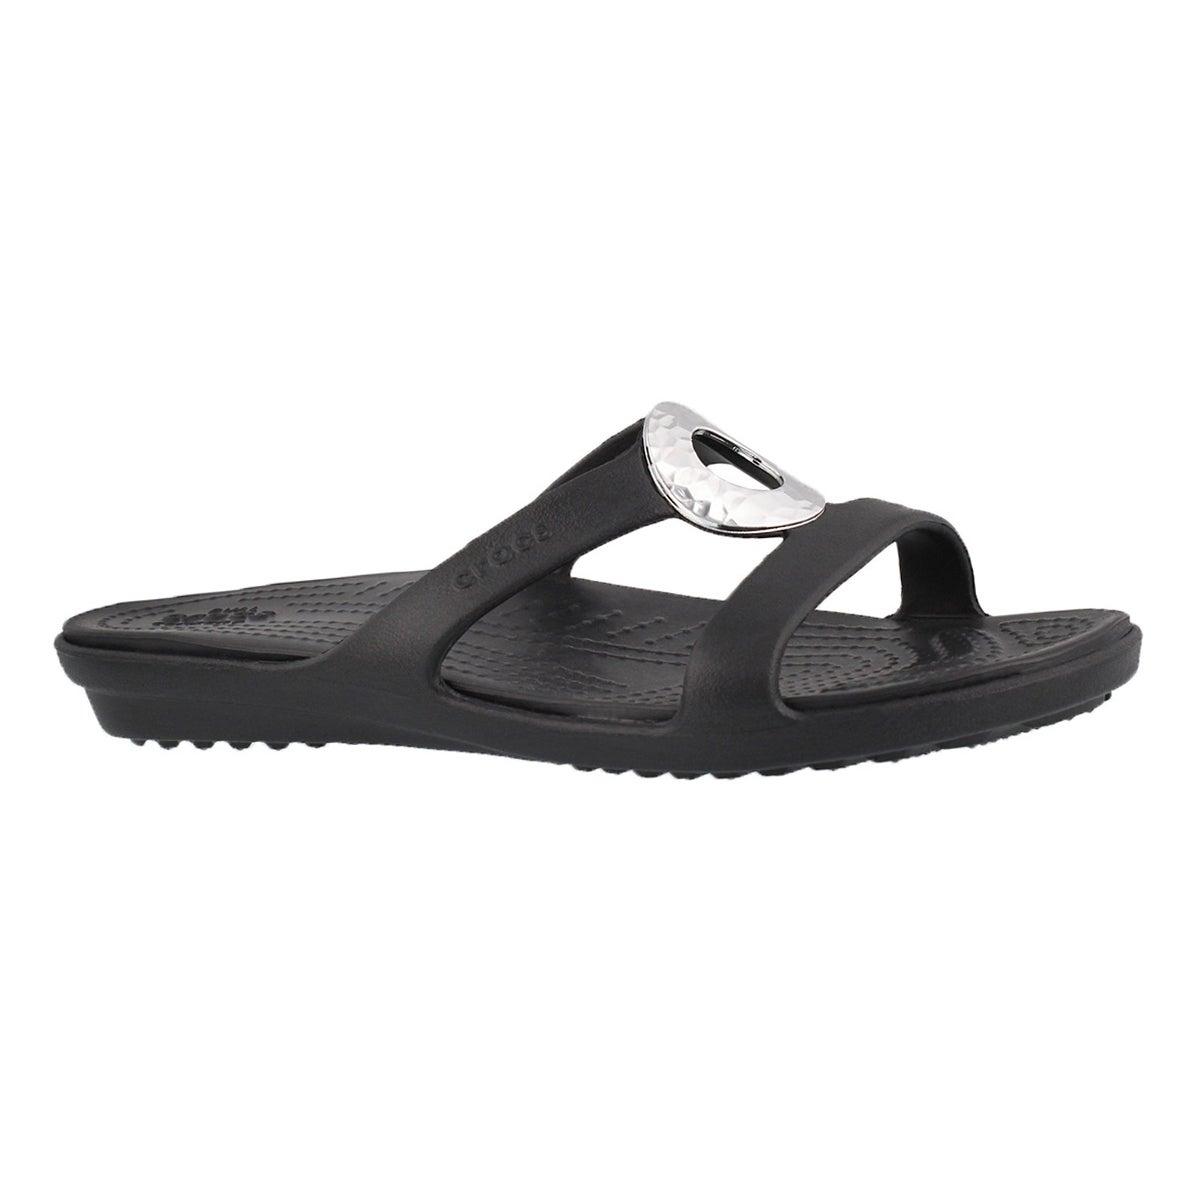 Women's SANRAH HAMMERED blk/blk slide sandals